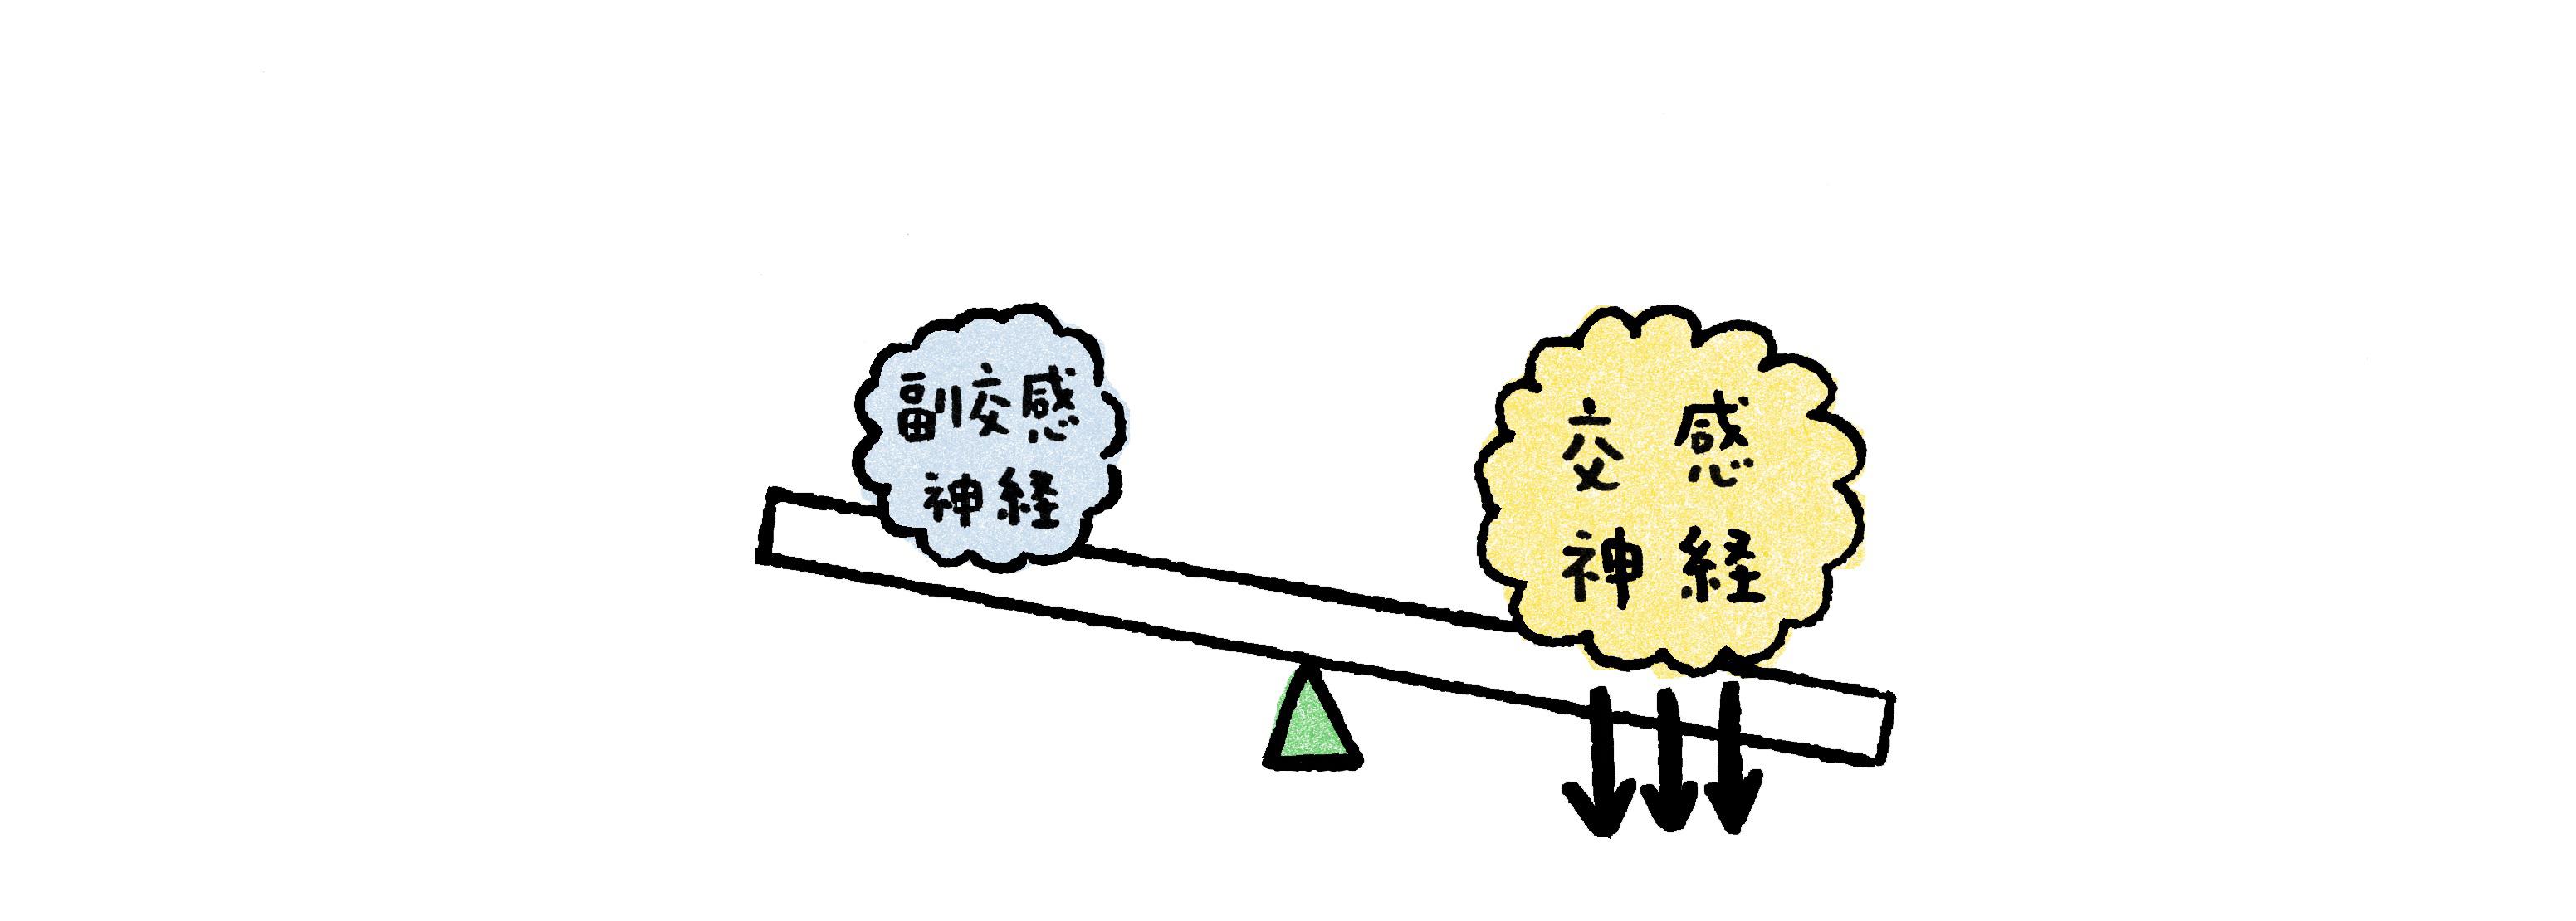 根来_お風呂_交感神経